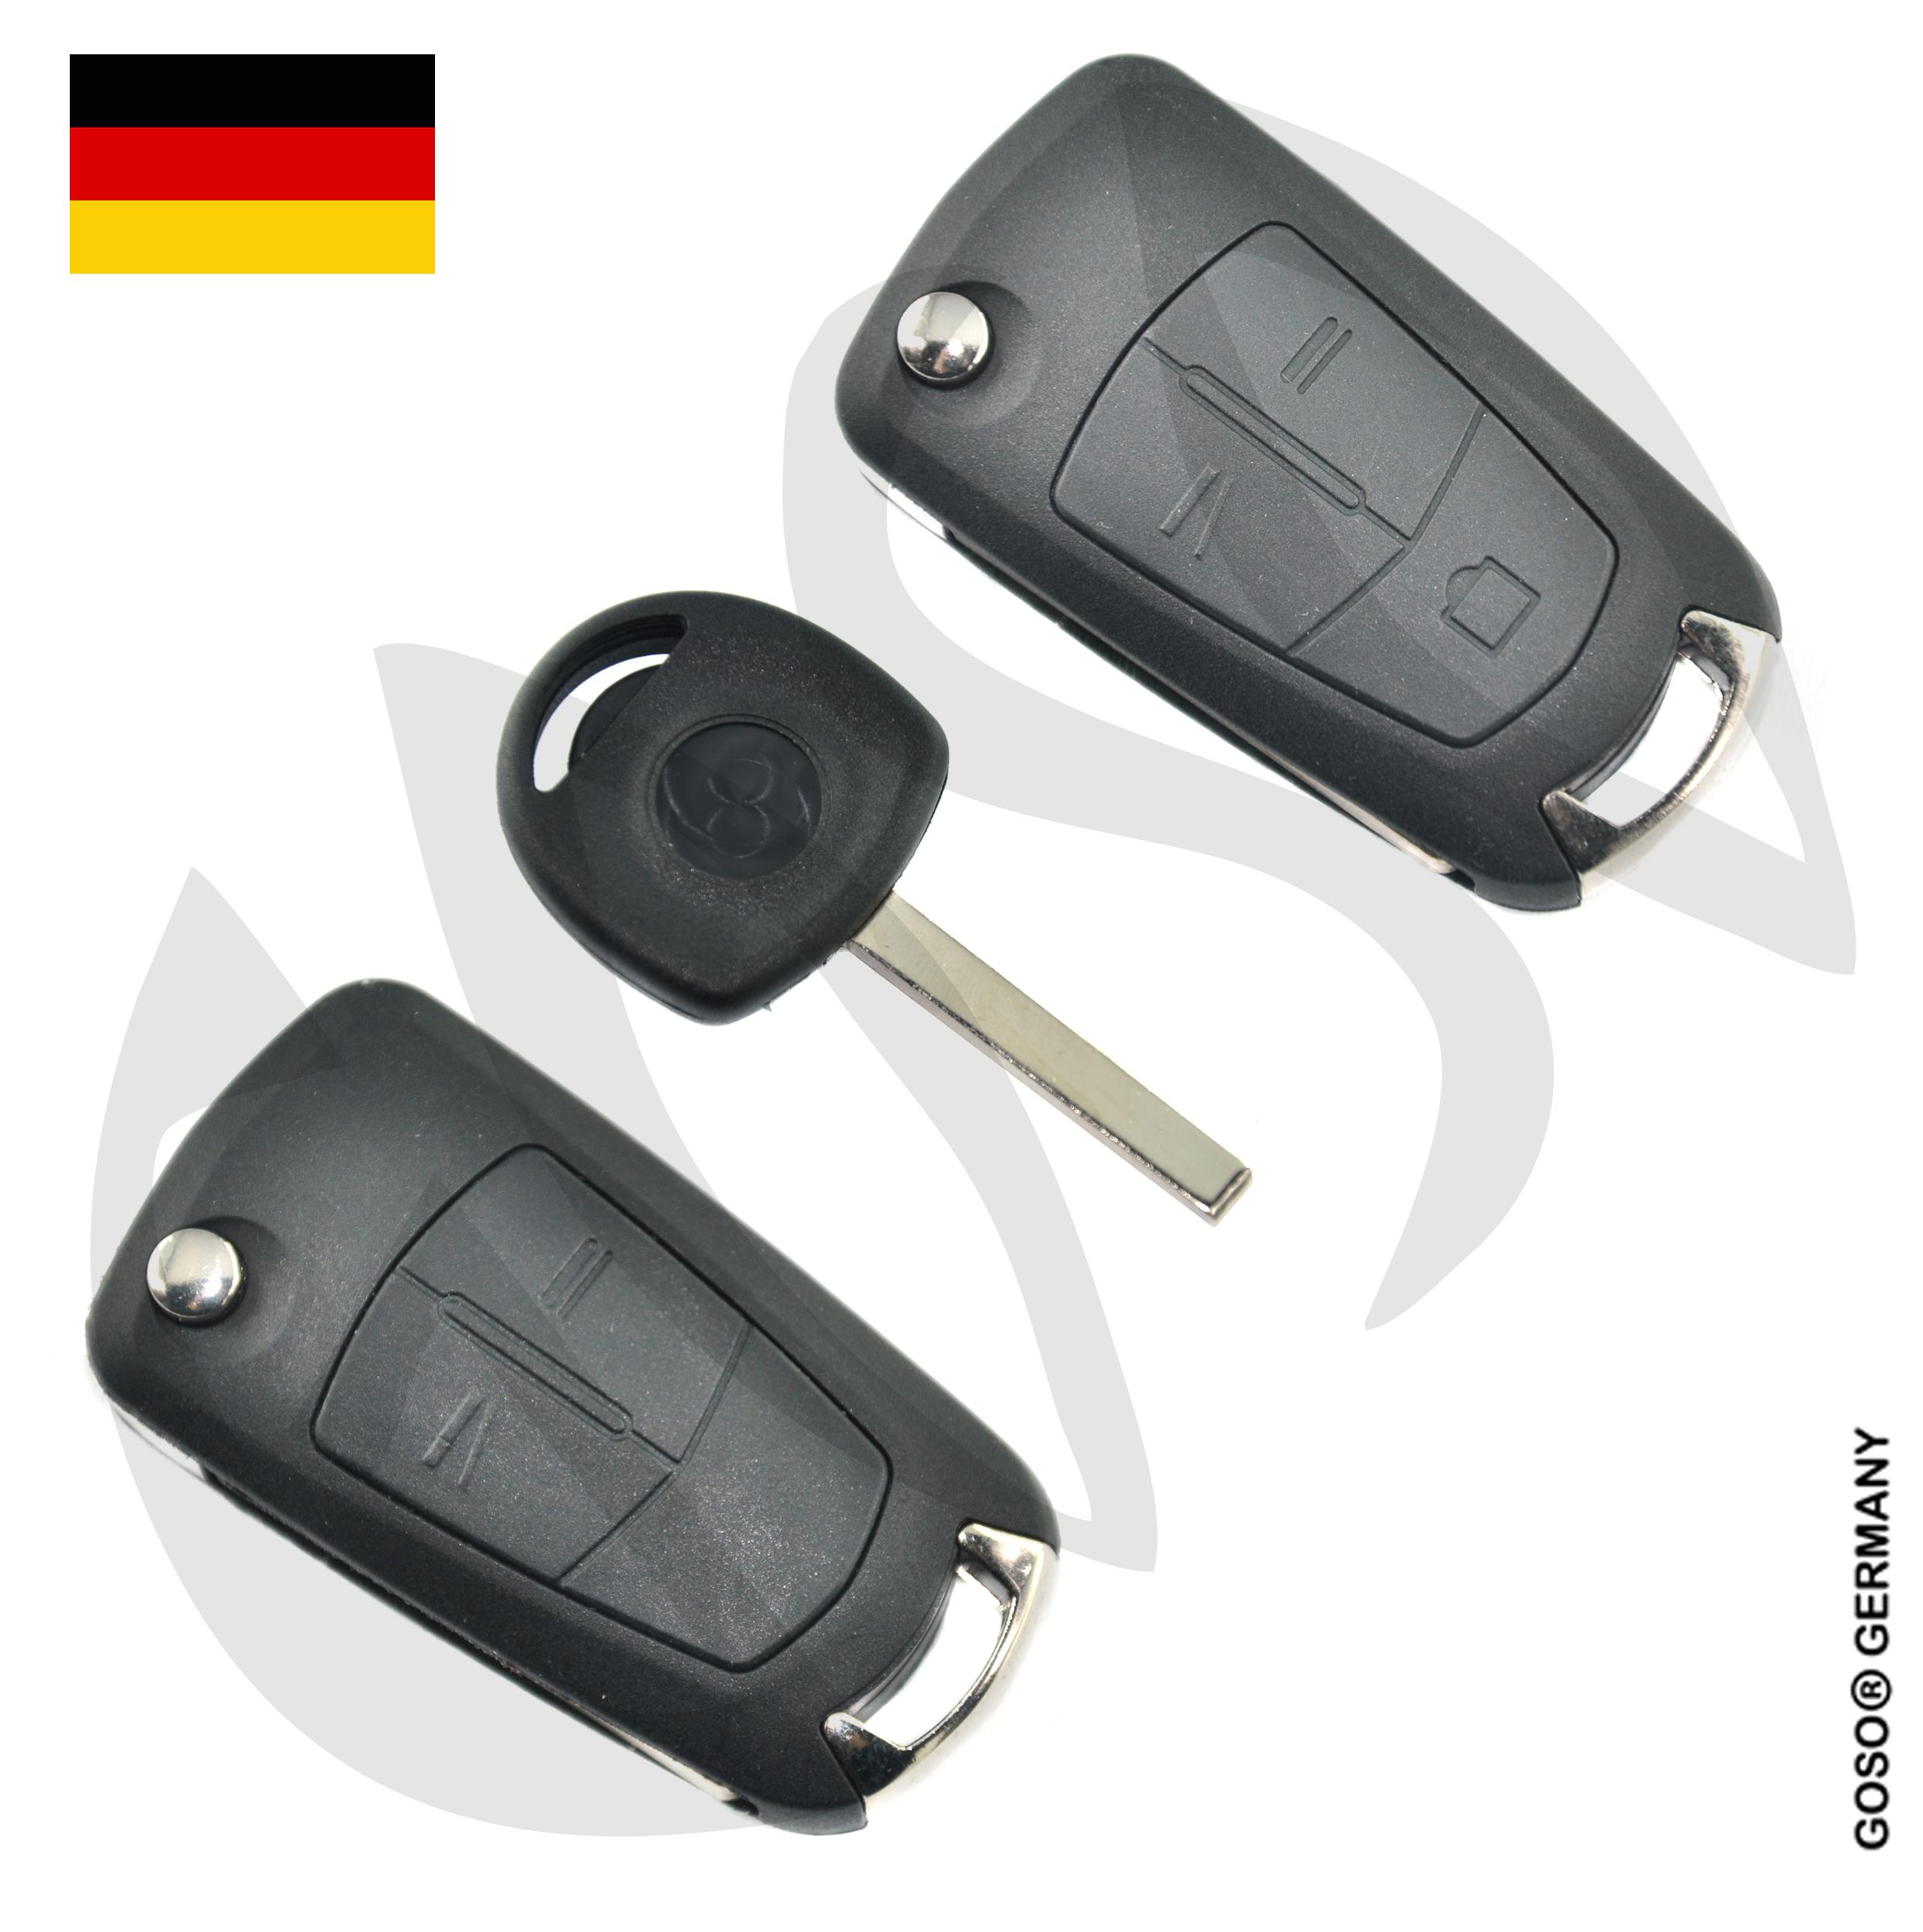 fahrzeugschlüssel goso - autoschlüssel nachmachen